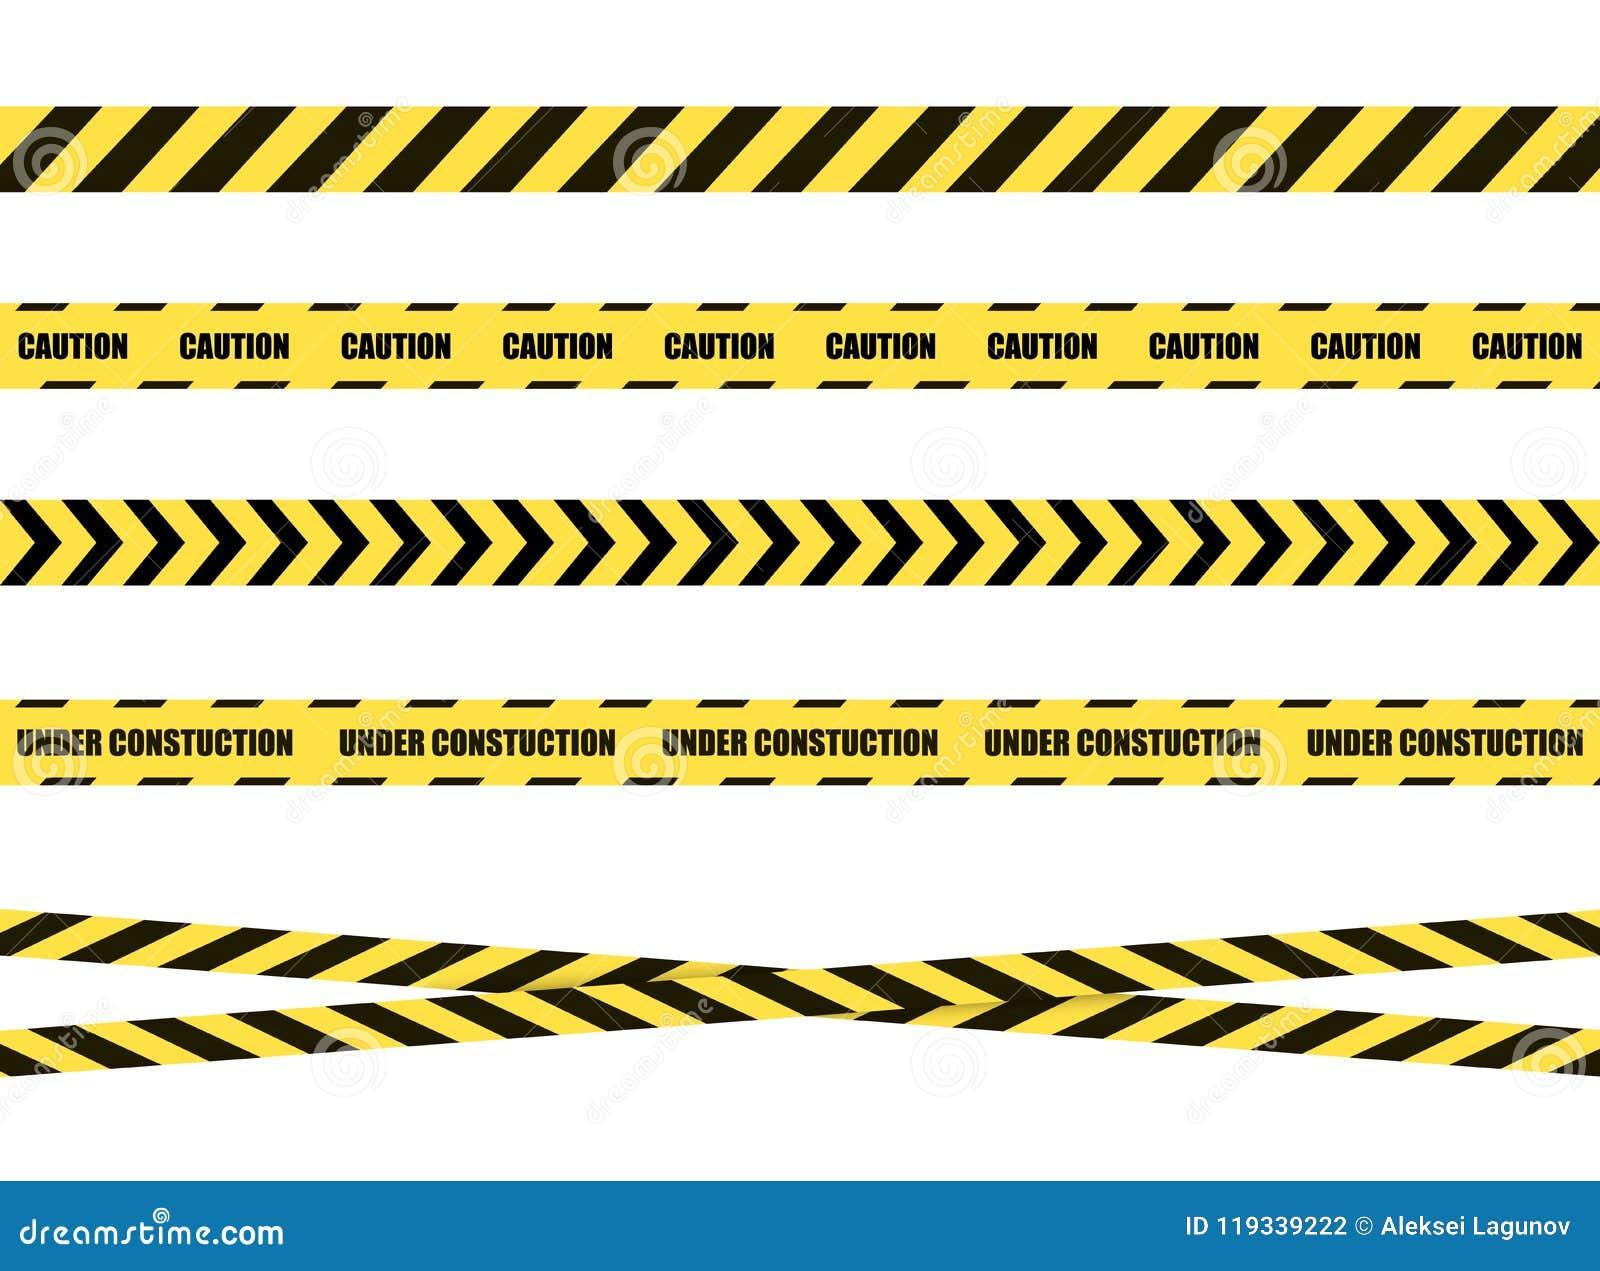 Διανυσματική κορδέλλα σημαδιών κινδύνου, ταινία που απομονώνεται στο άσπρο υπόβαθρο, ο Μαύρος και κίτρινος